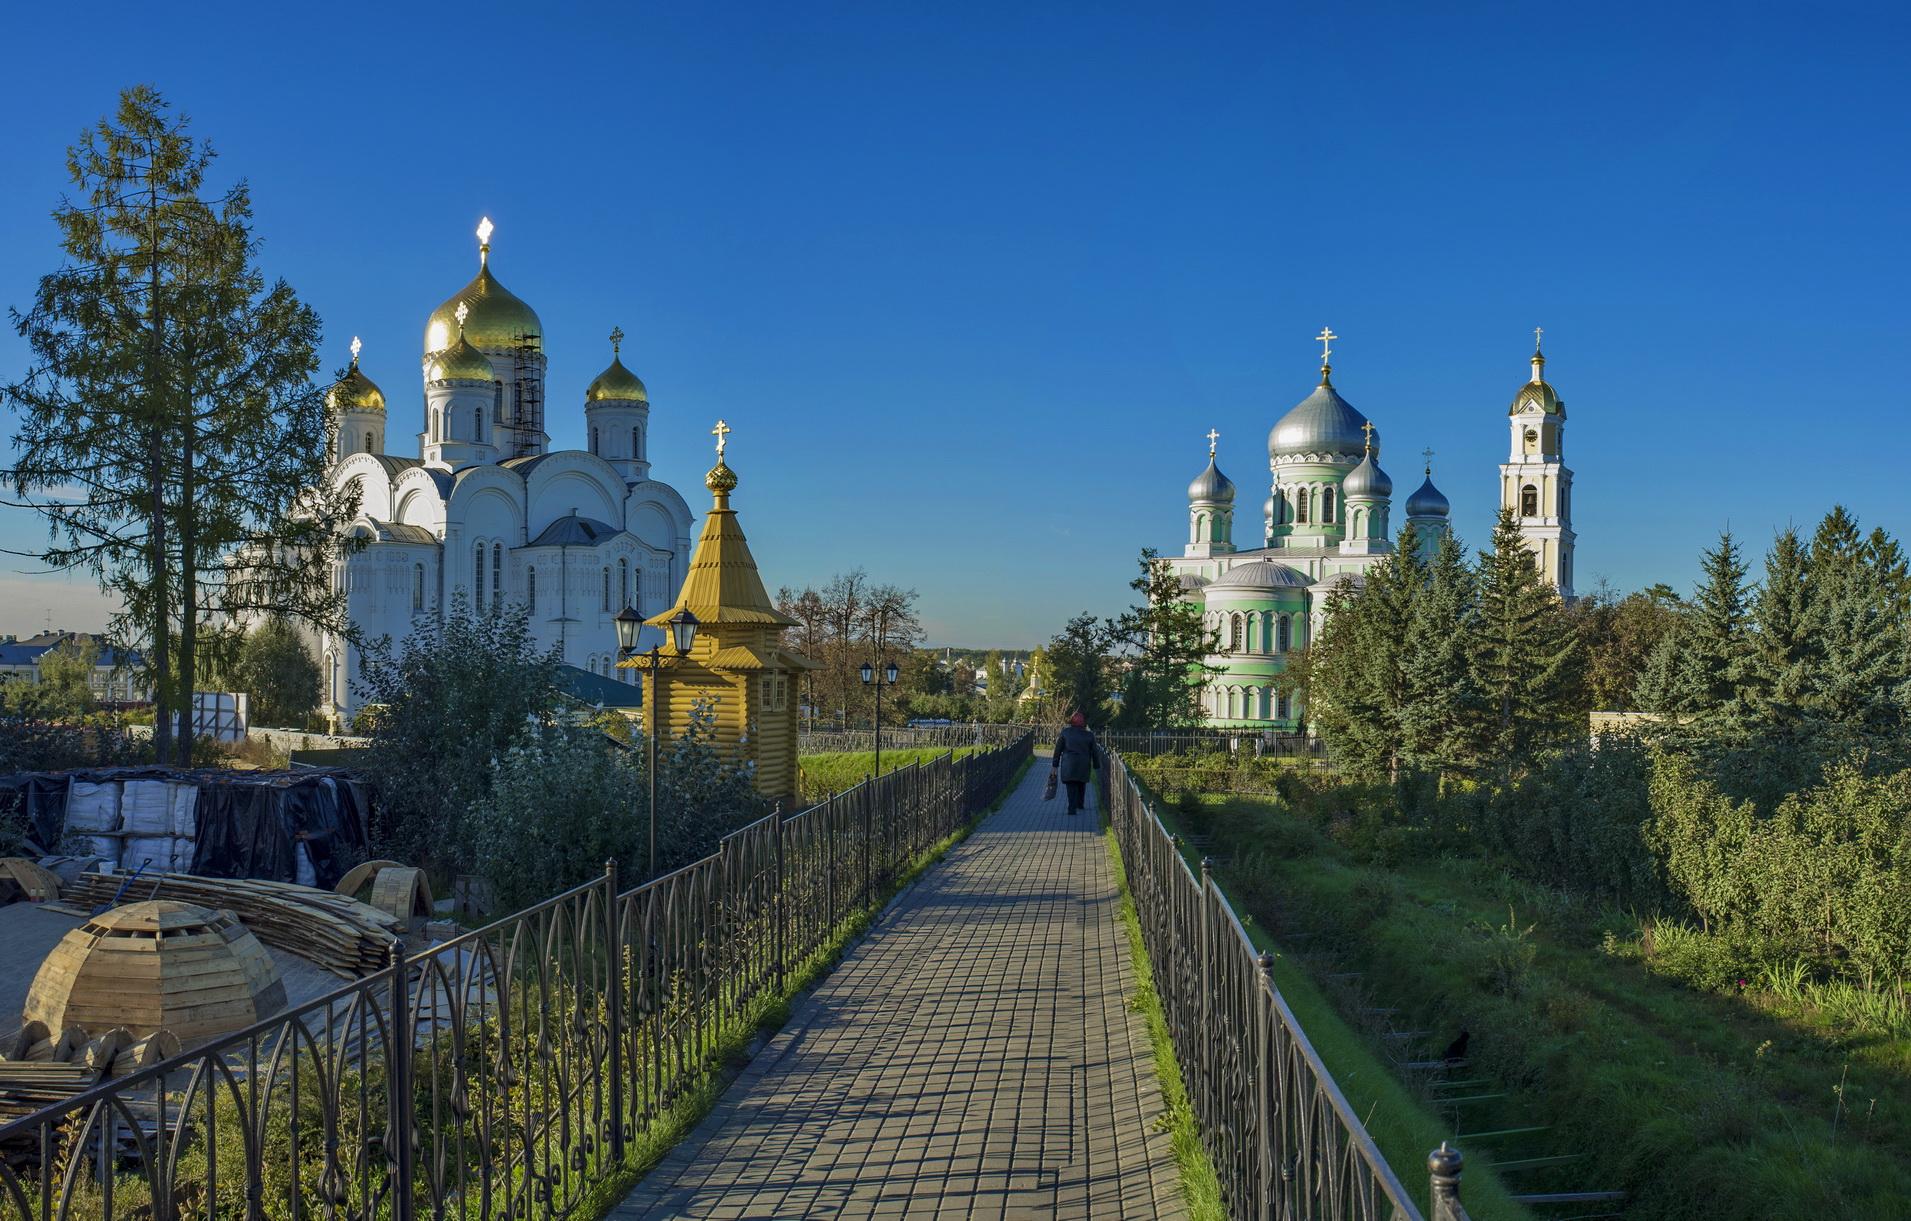 Мото Грузовик поездка в муром мужской монастырь что нужно знать будут смотреться